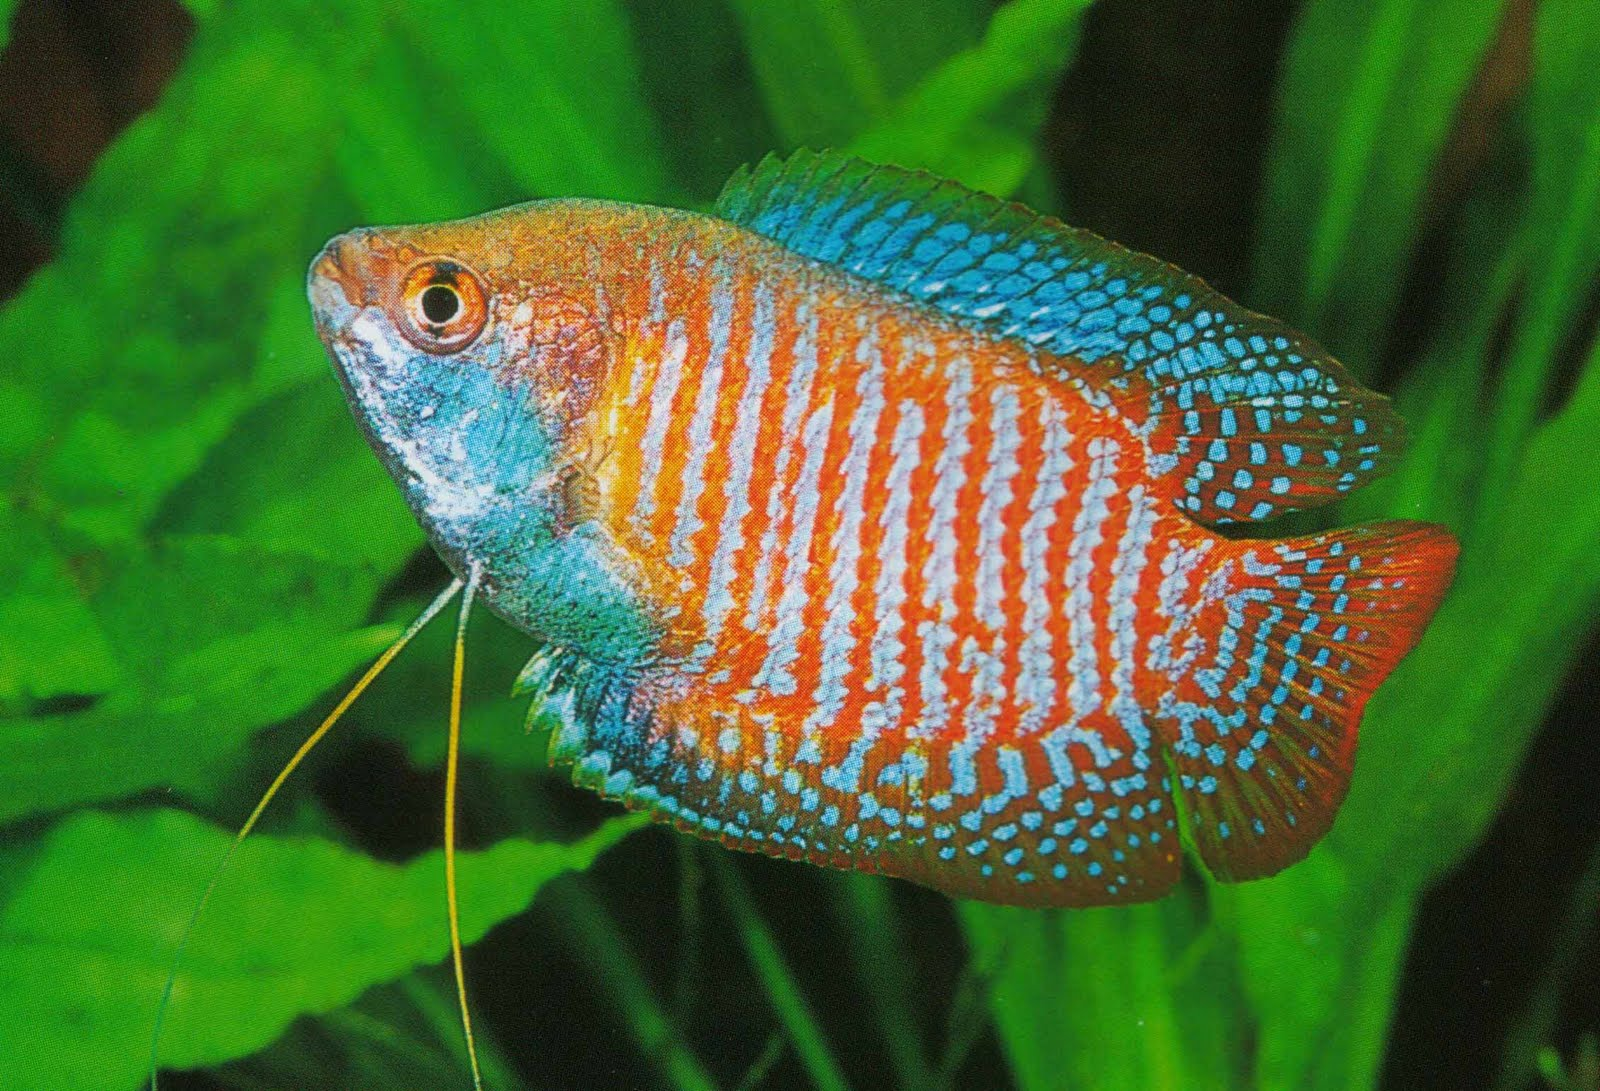 akvariumnaya-rybka-lyalius-otzyvy-1477901170